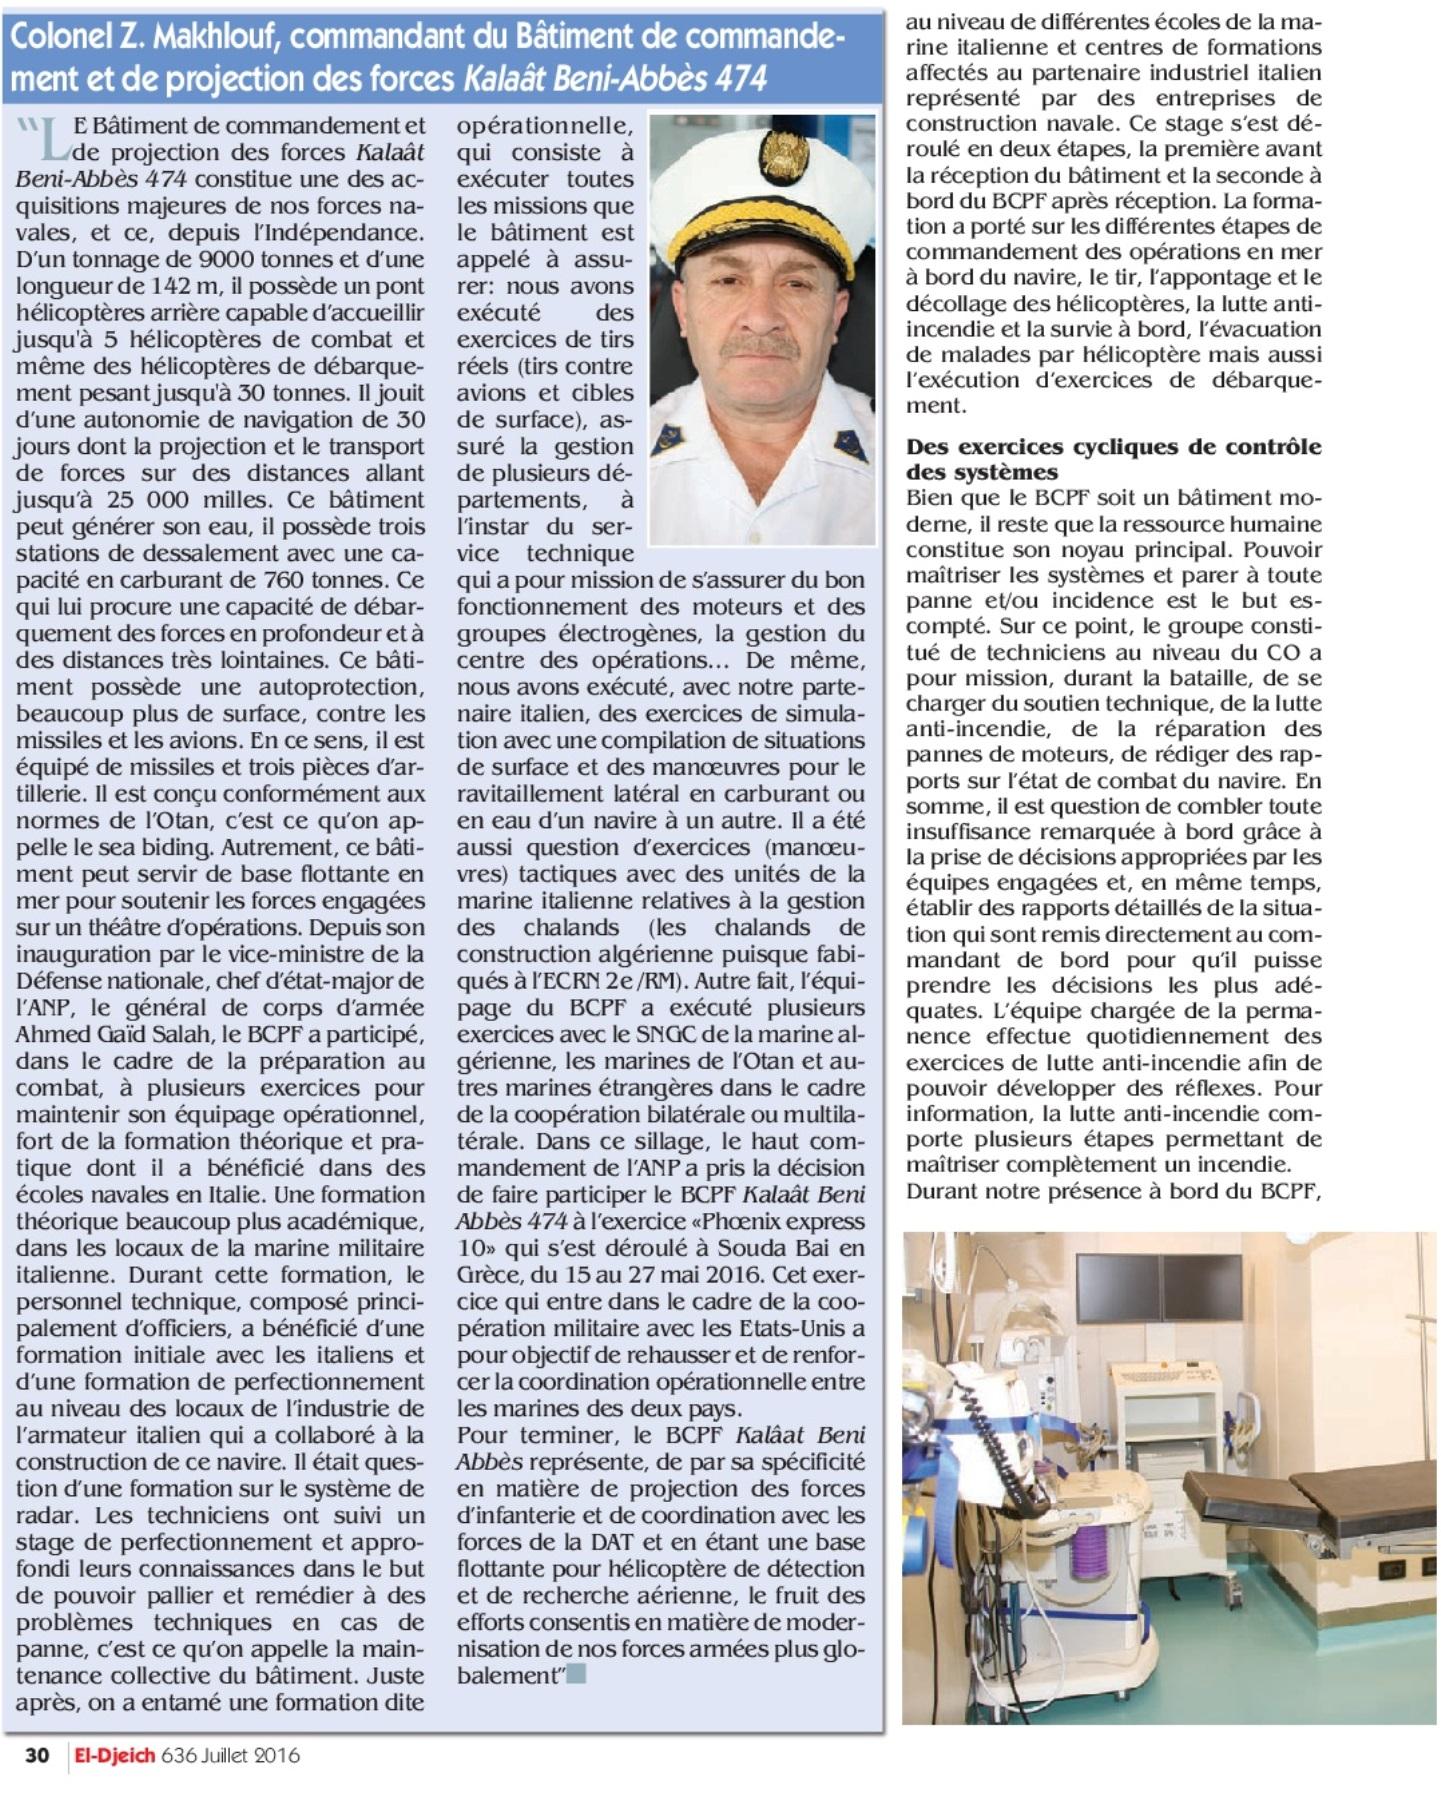 Armée Algérienne (ANP) - Tome XIV - Page 37 27737183353_d7f6a2185f_o